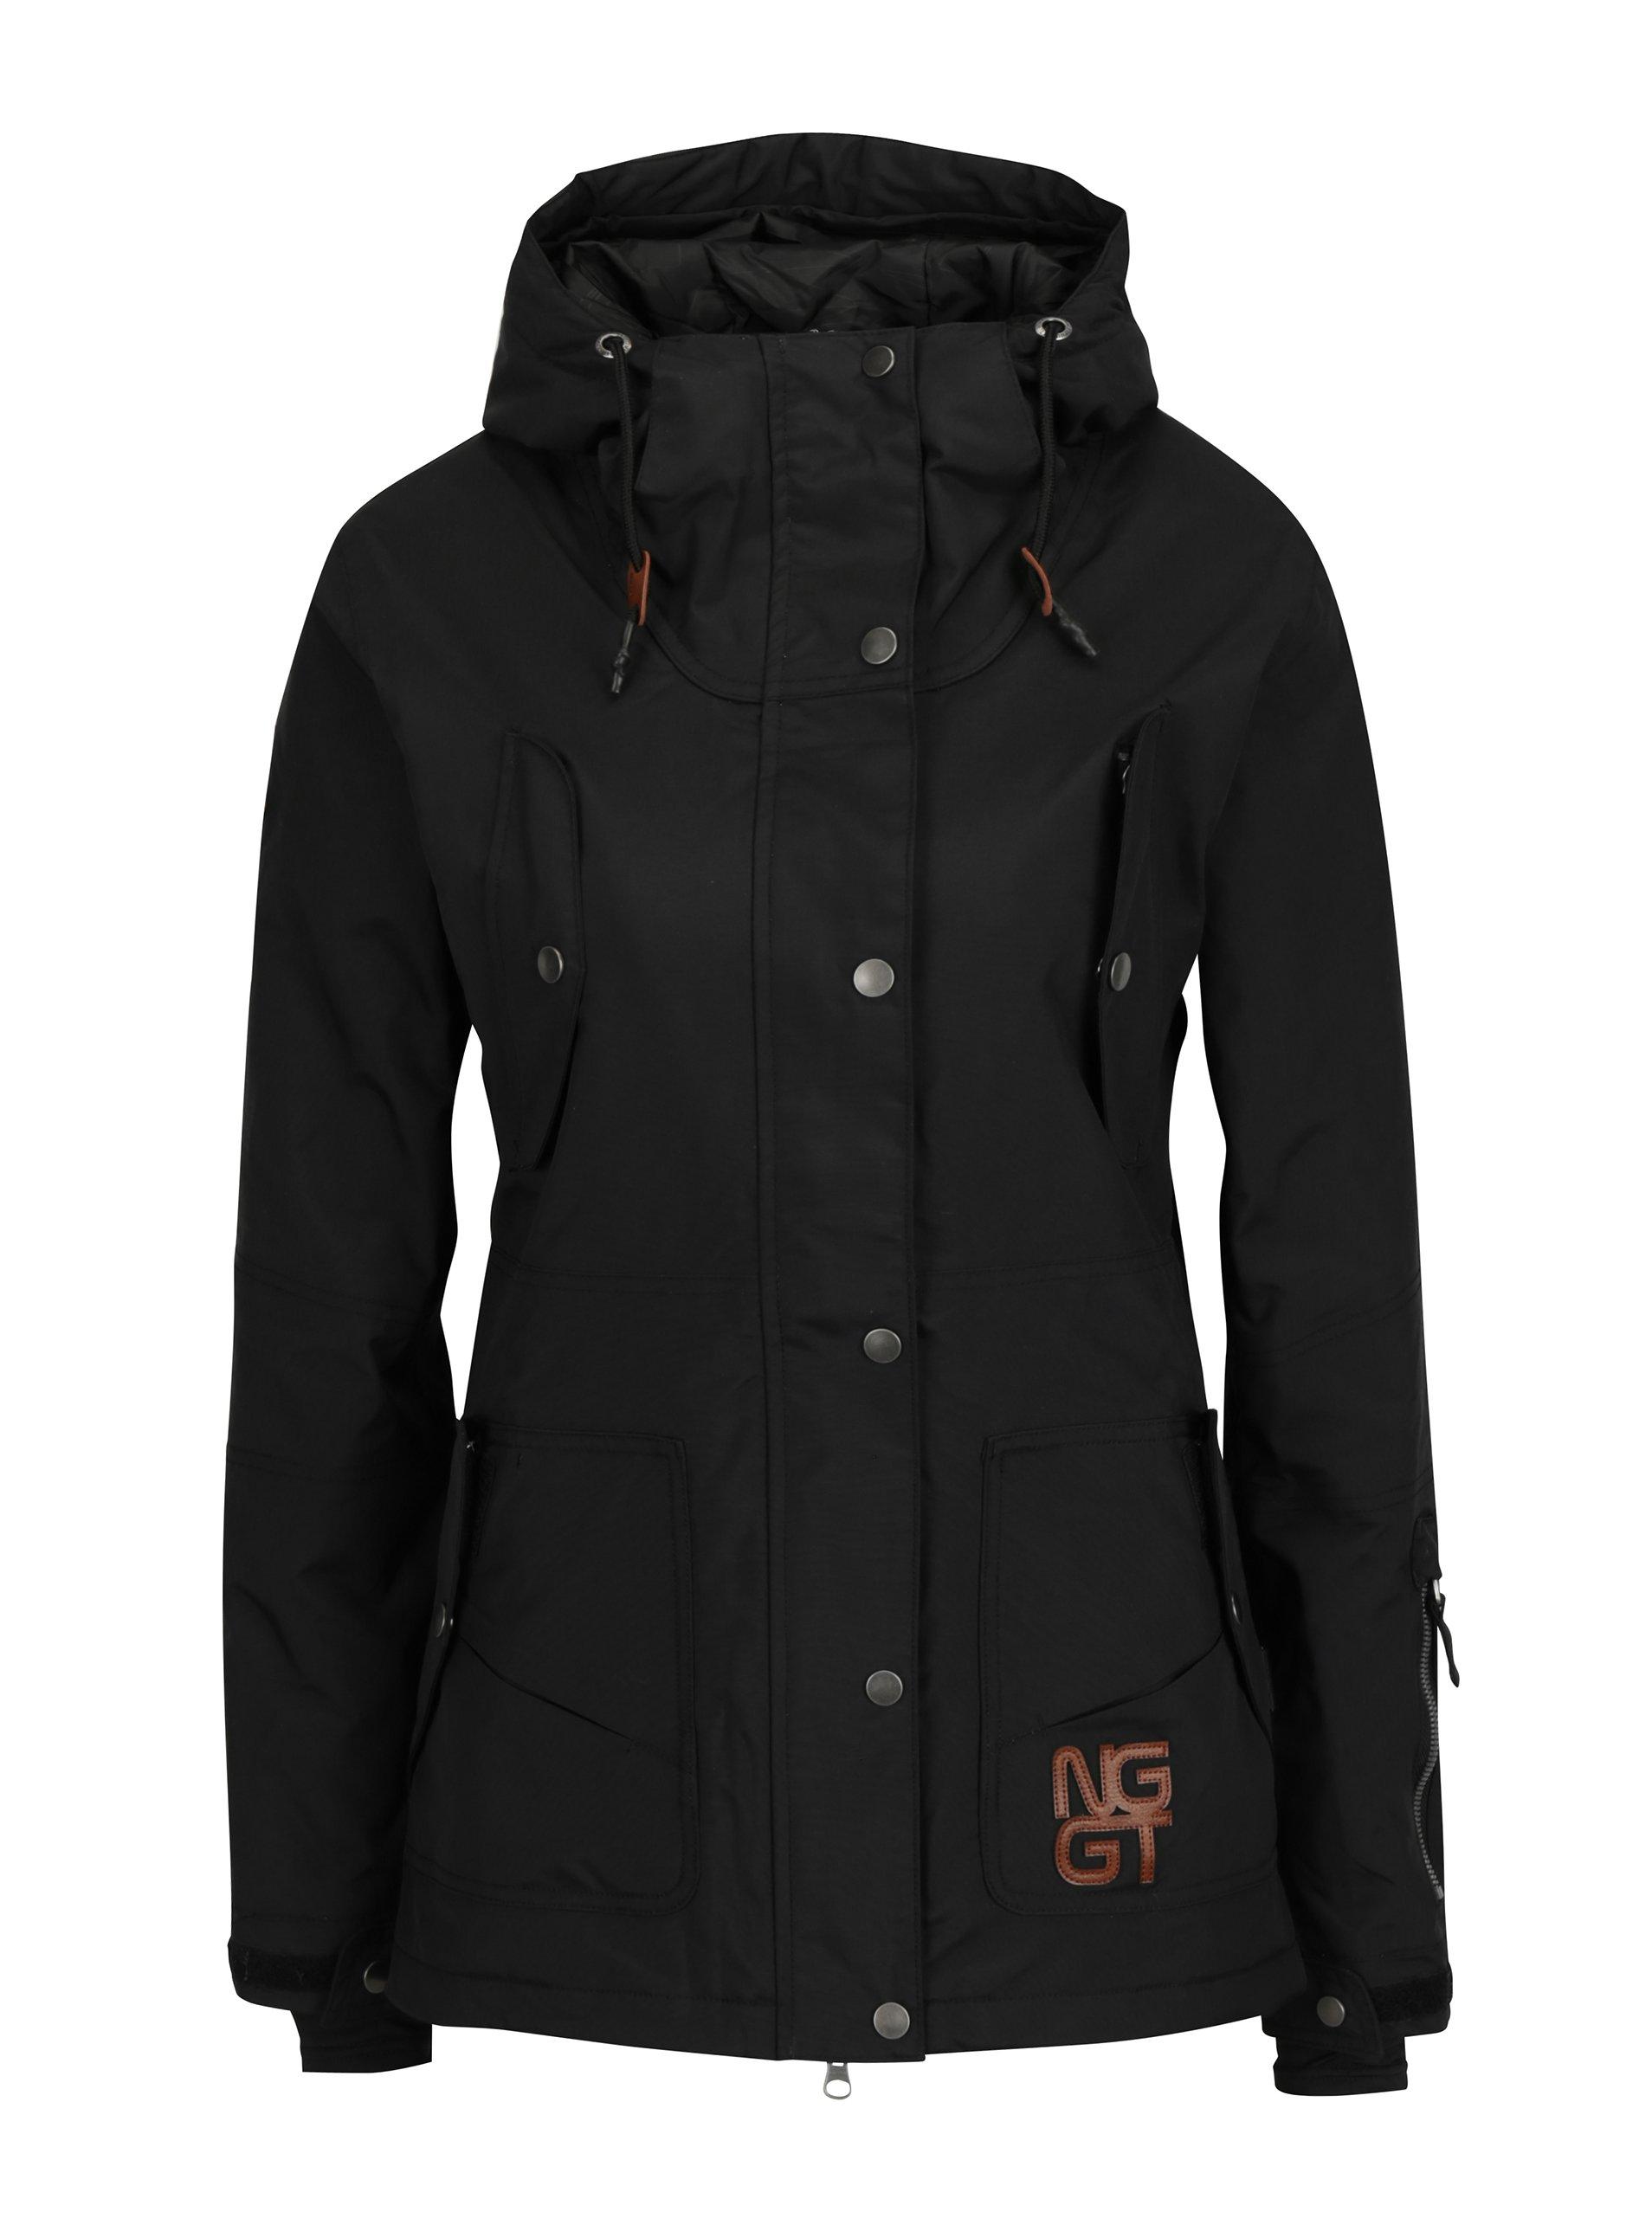 Černá dámská nepromokavá zimní bunda s kapucí NUGGET Anja